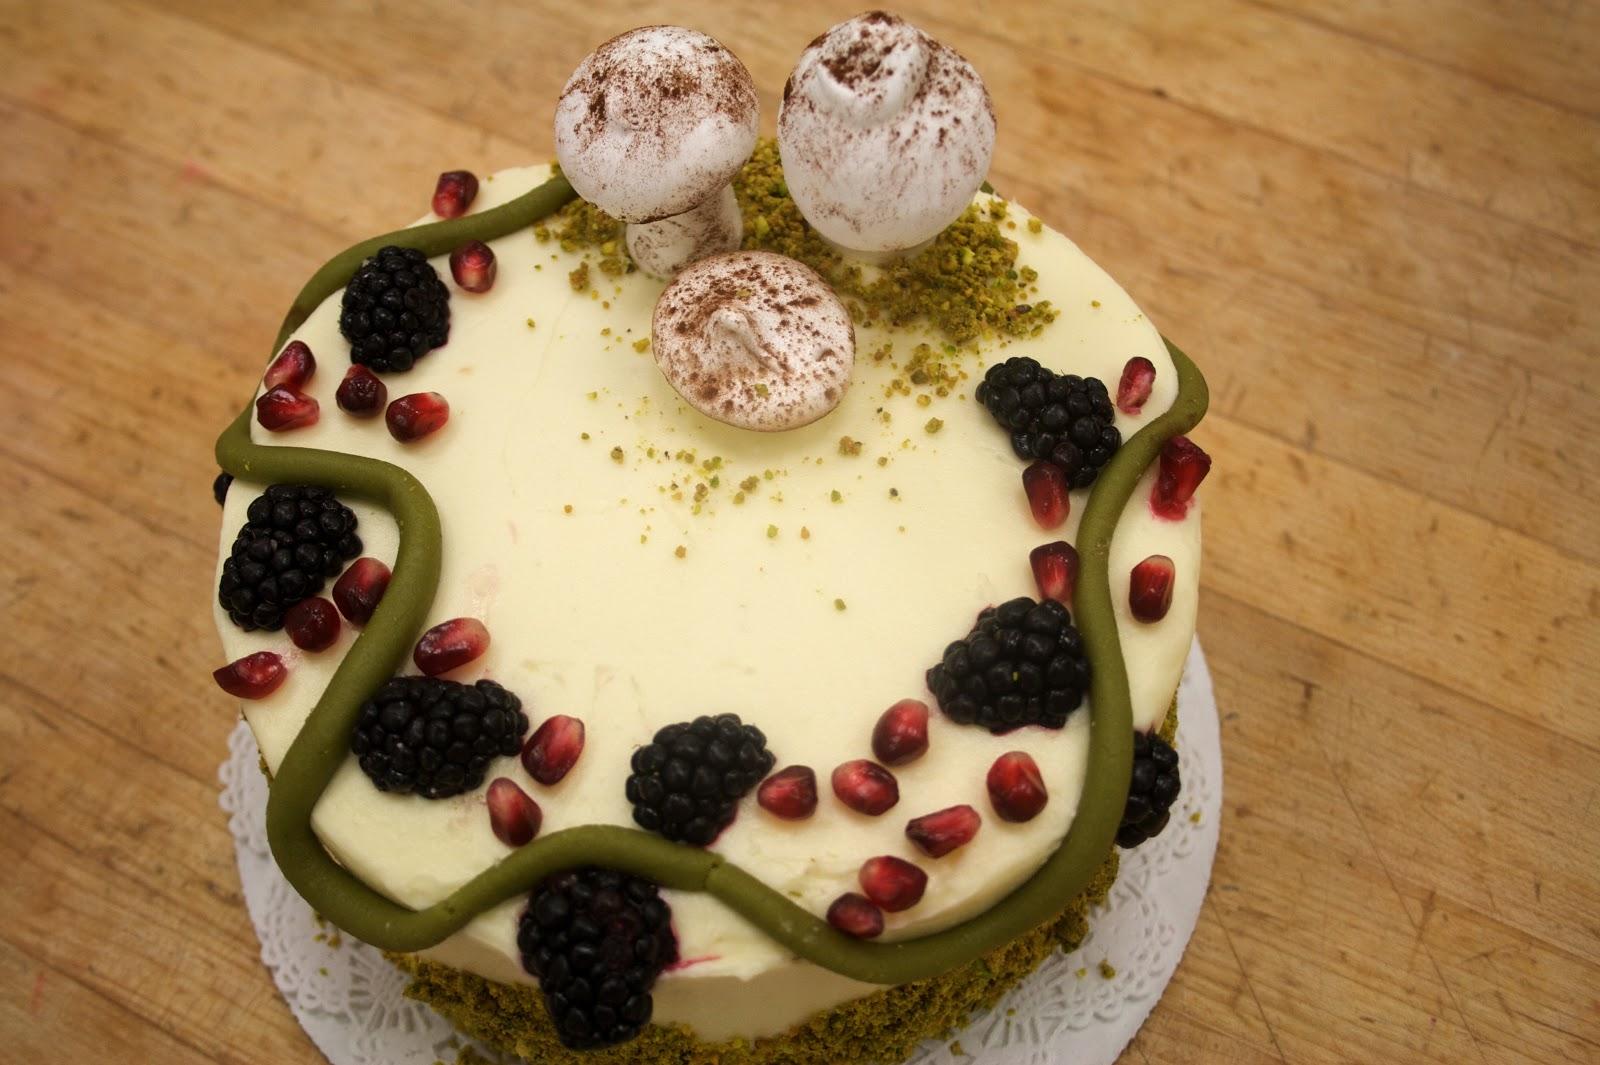 engrained: mossy mushroom cake.